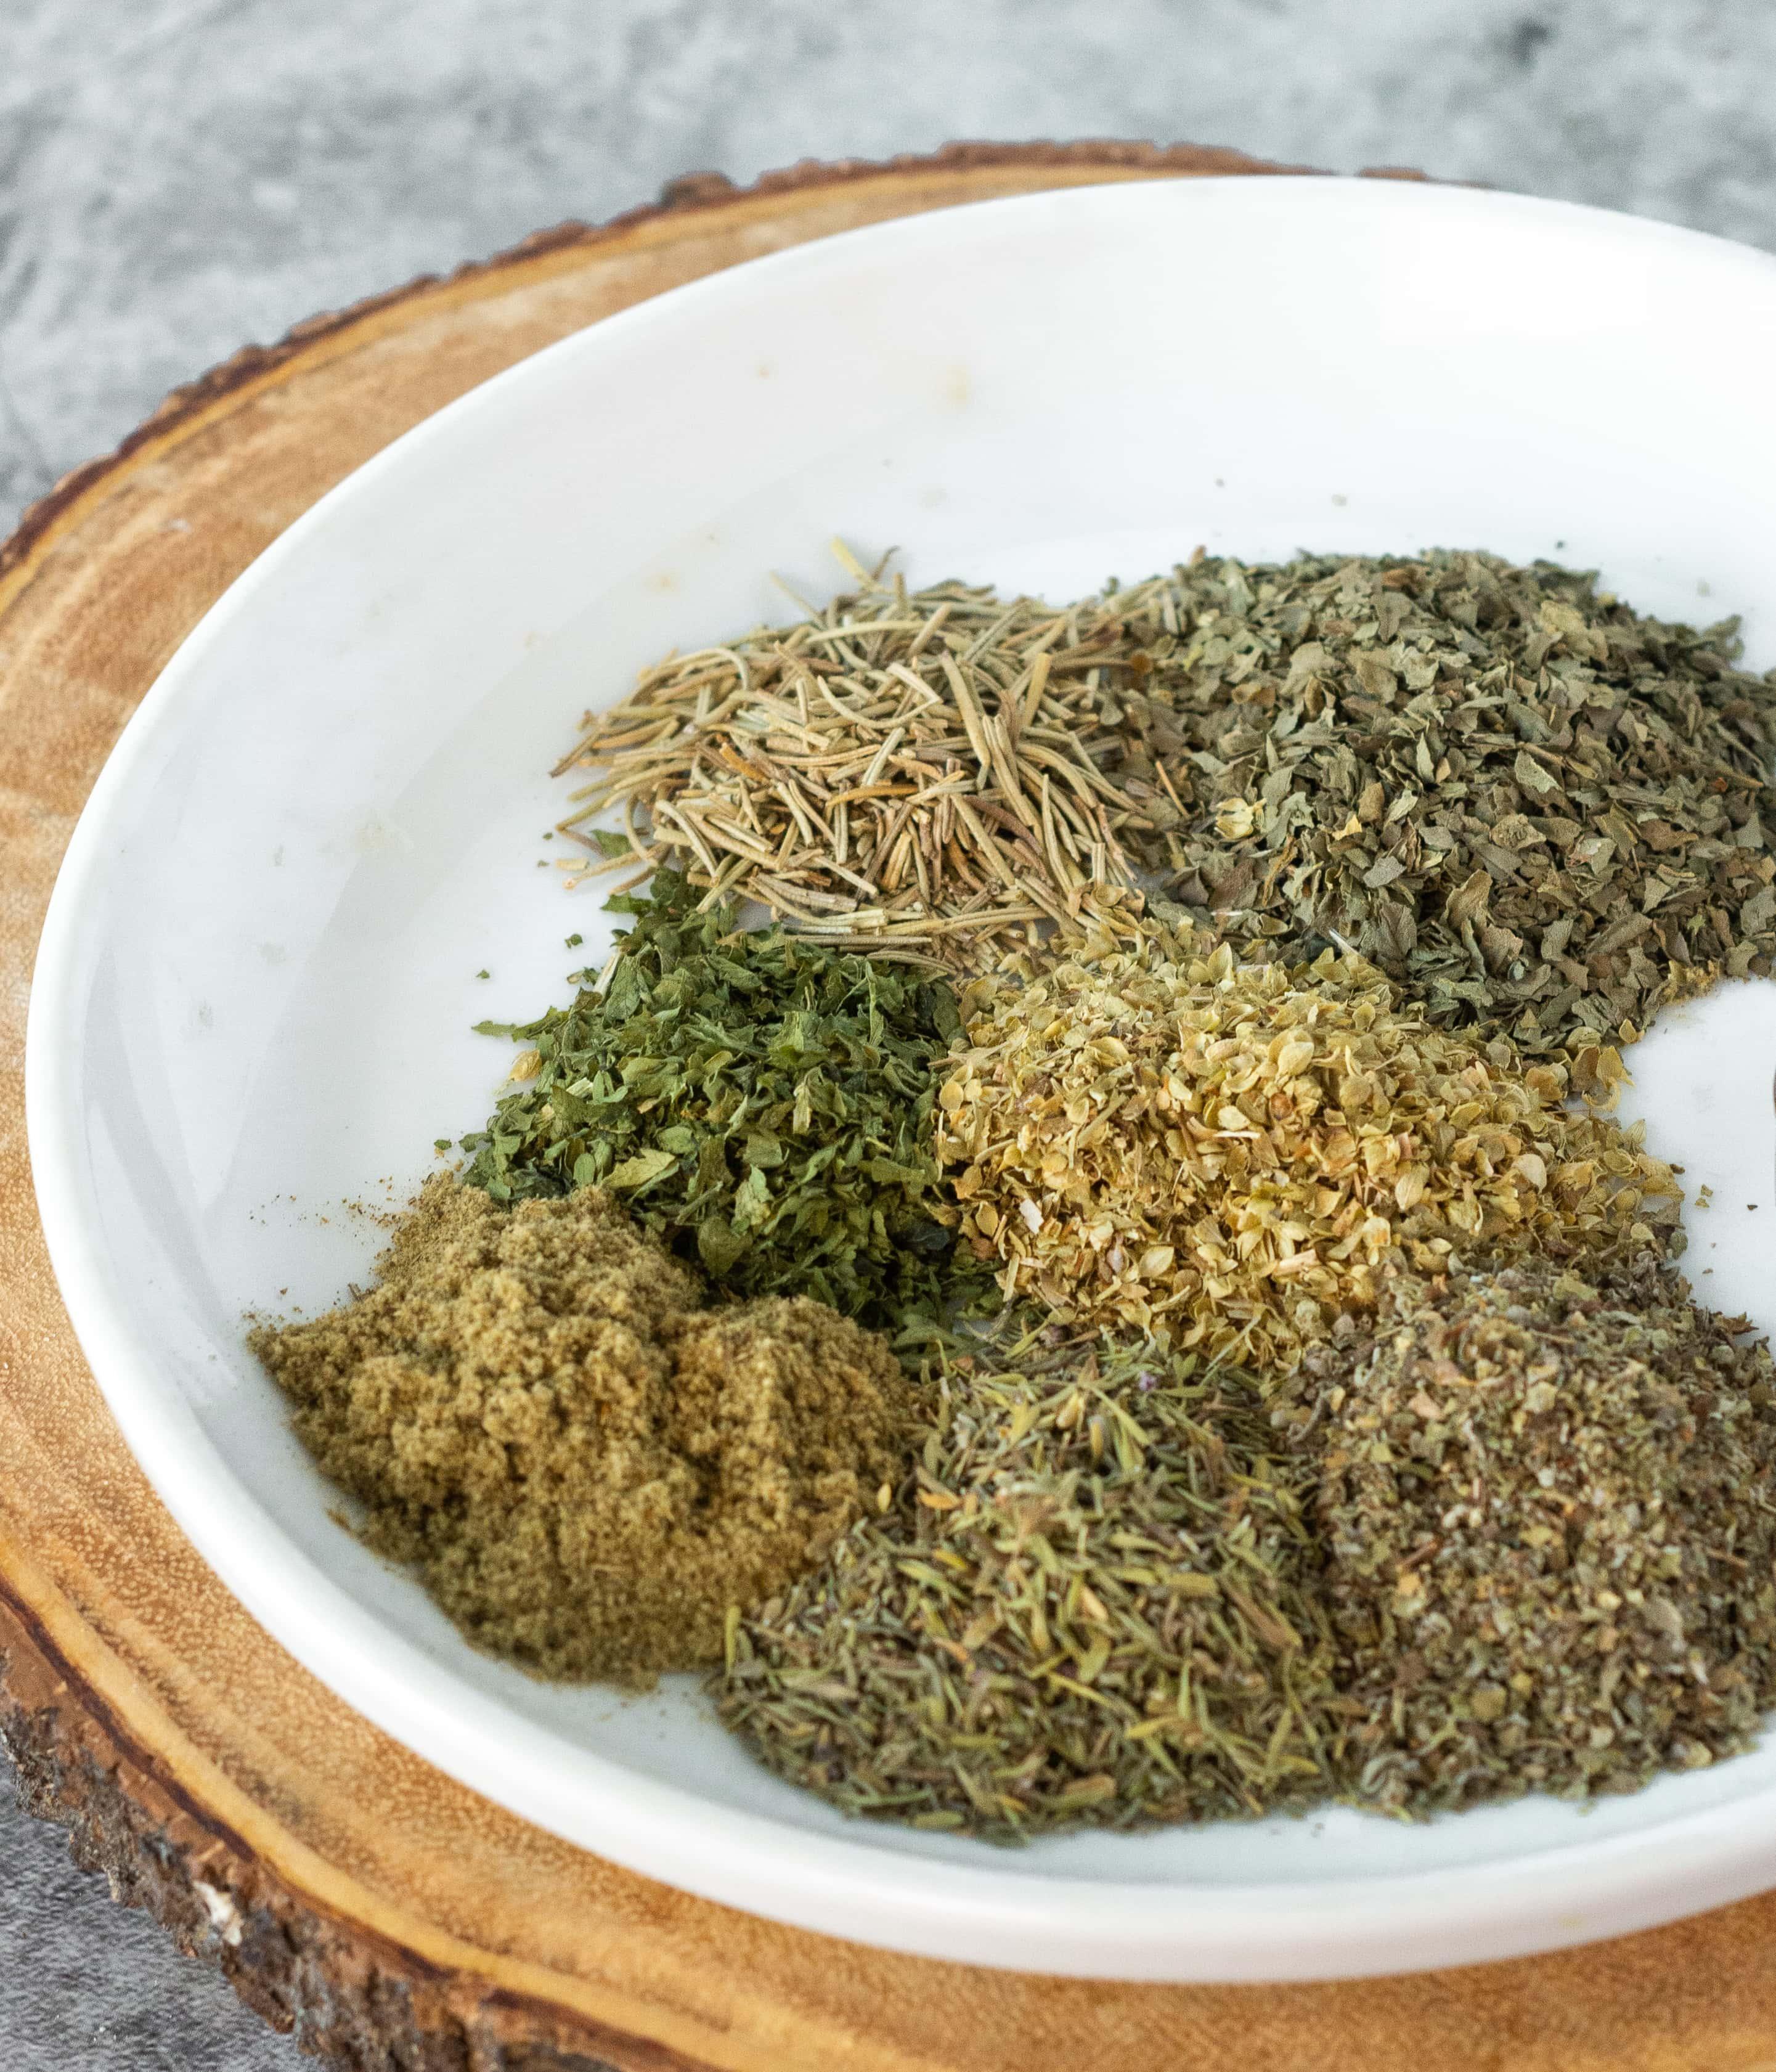 Italian Seasoning Ingredients